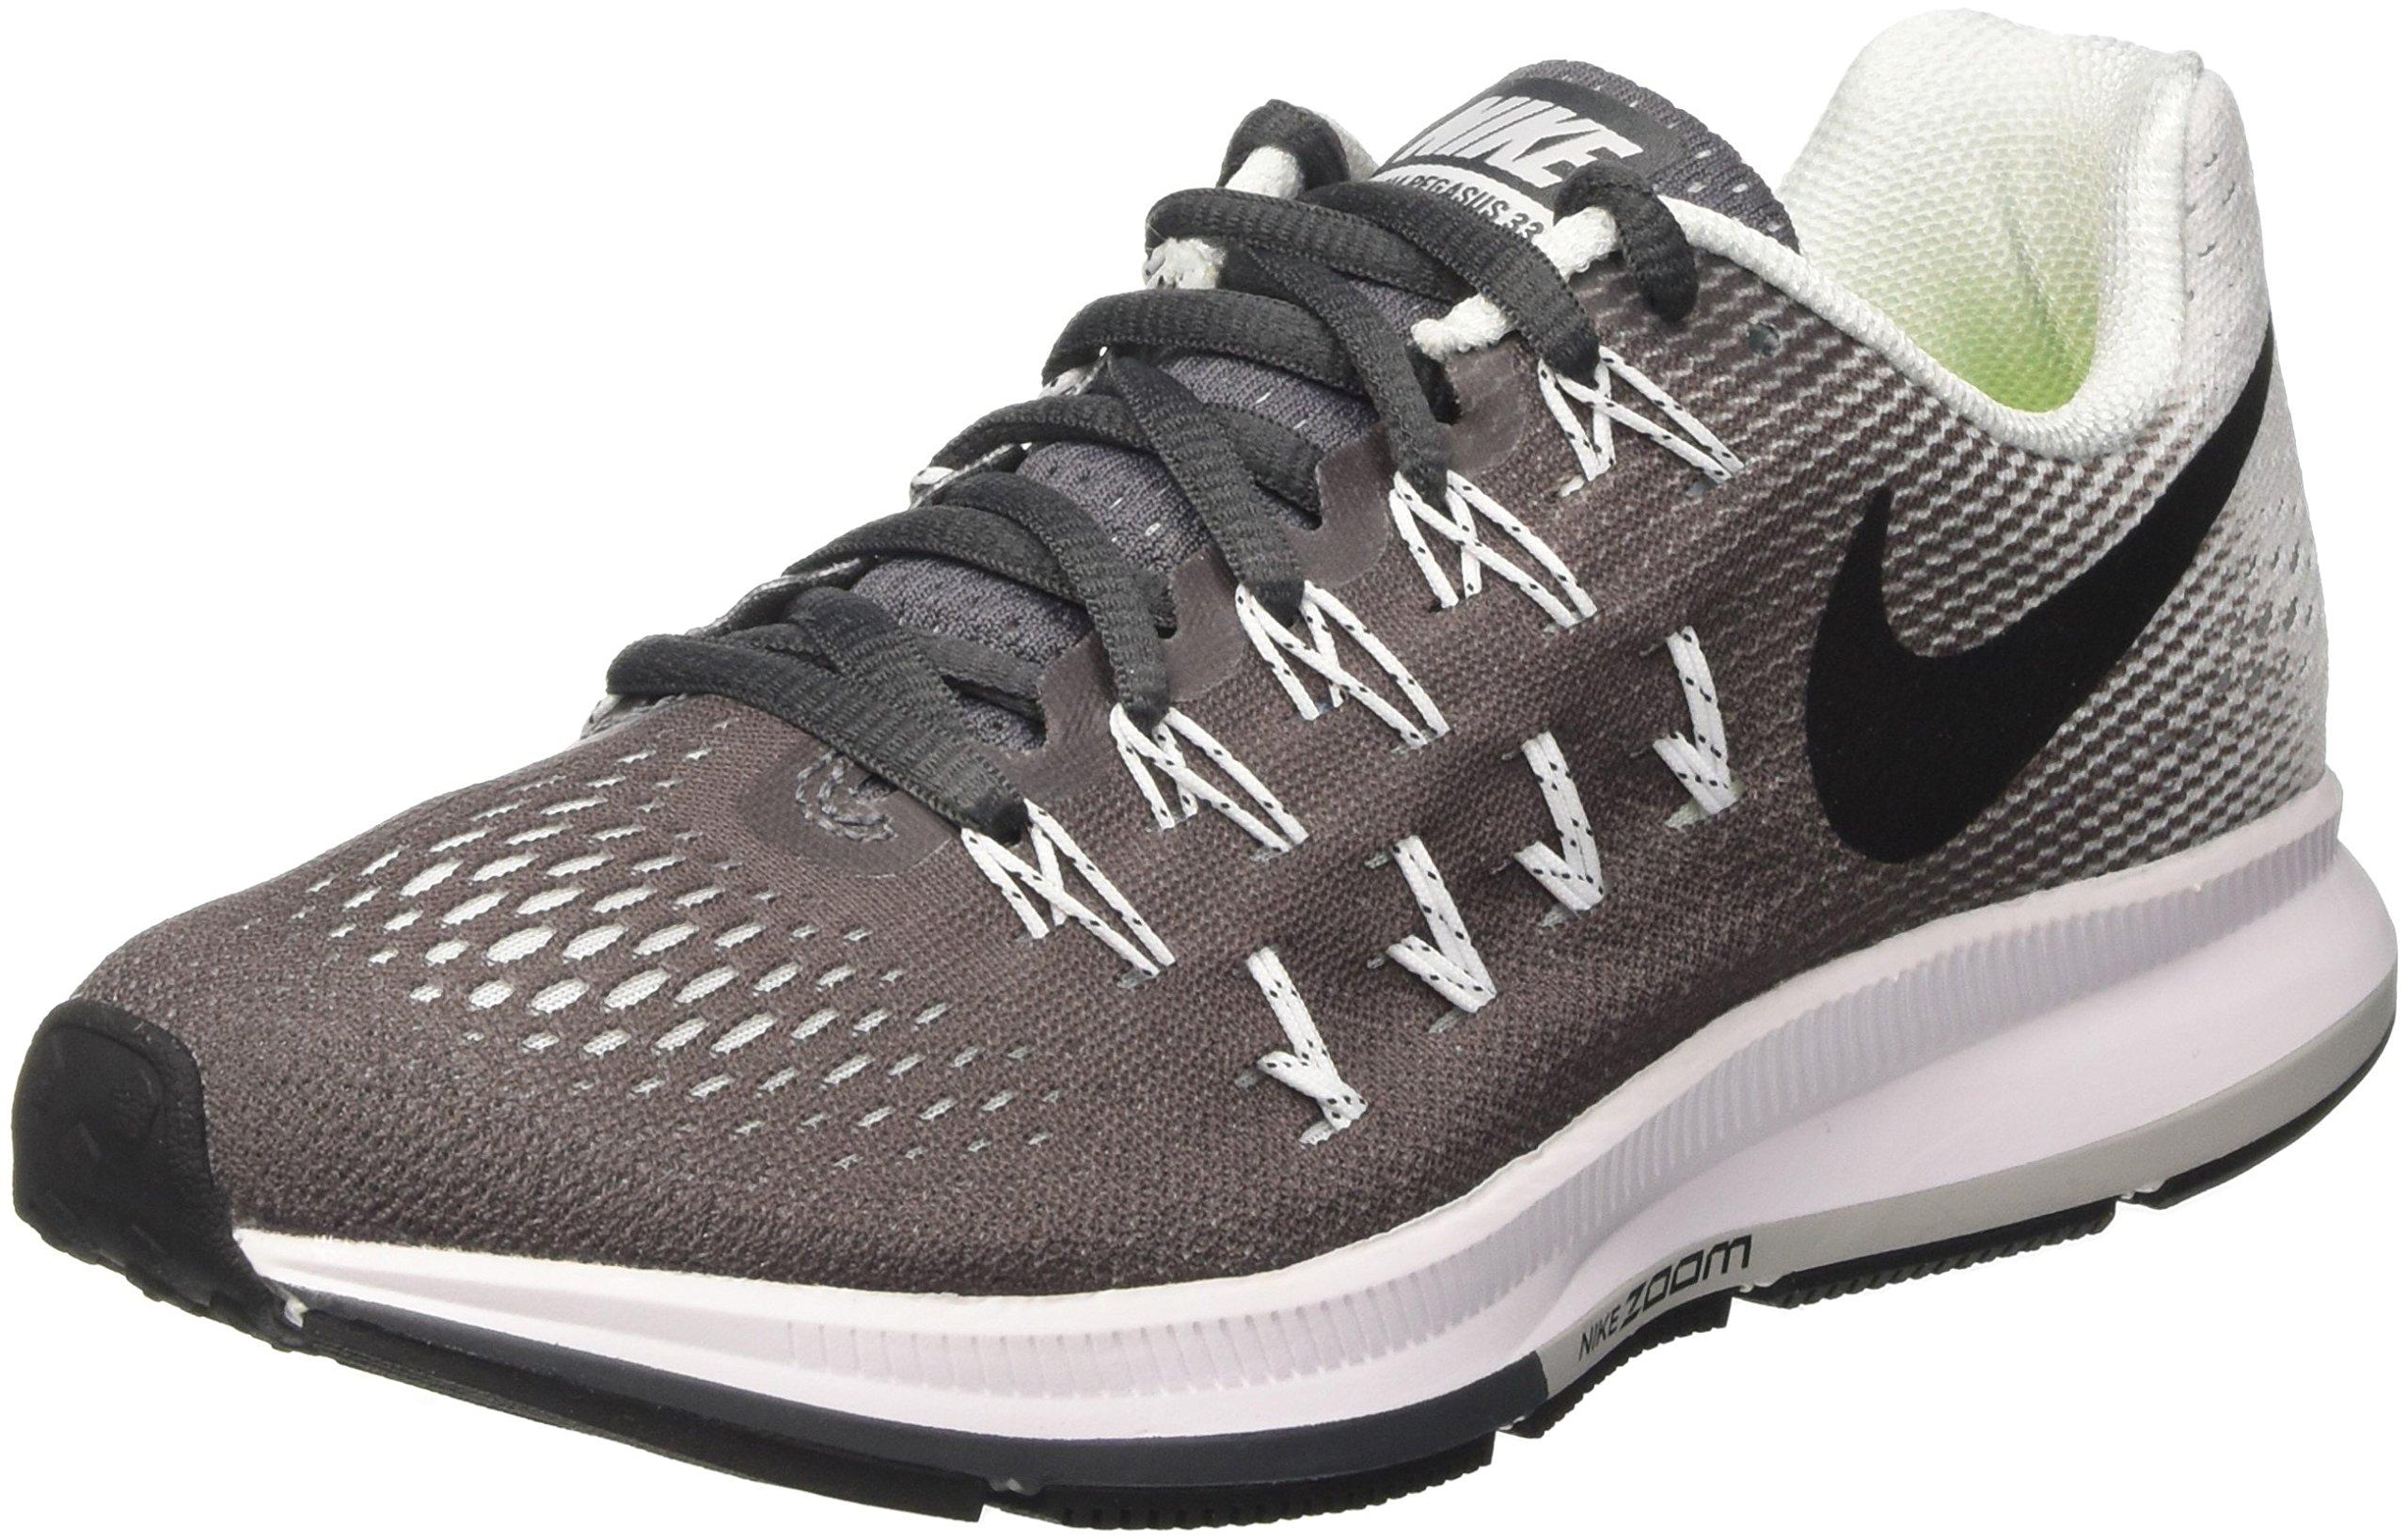 NIKE Women's Air Zoom Pegasus 33 Dark Grey/Black/White Running Shoe 5 Women US